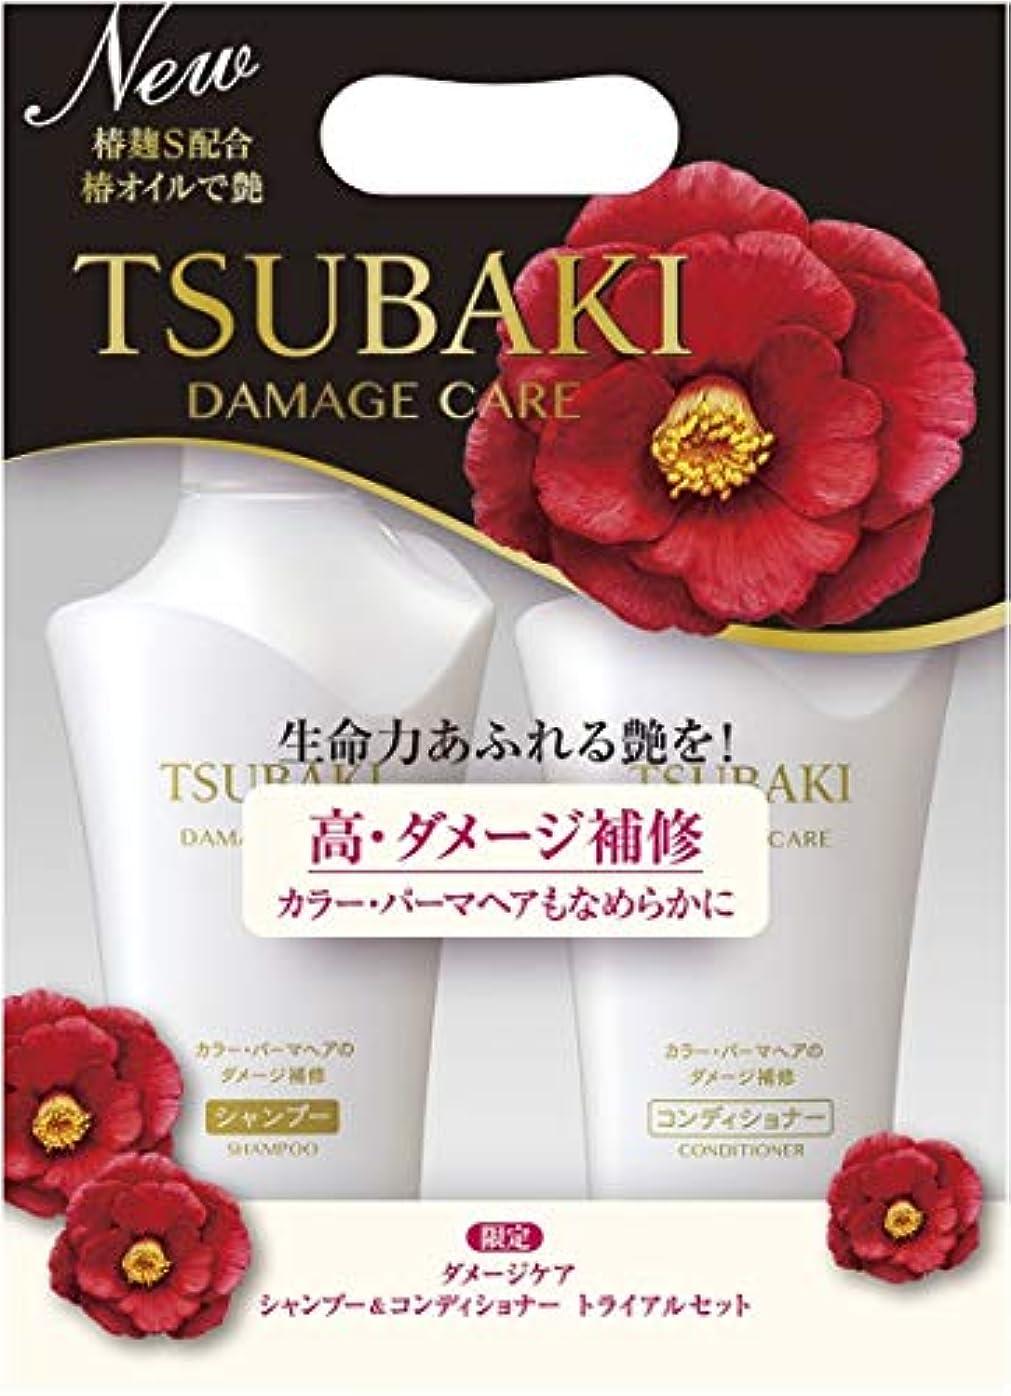 雨の激しい自分自身TSUBAKI ダメージケア シャンプー&コンディショナー ジャンボペアセット (500ml+500ml)